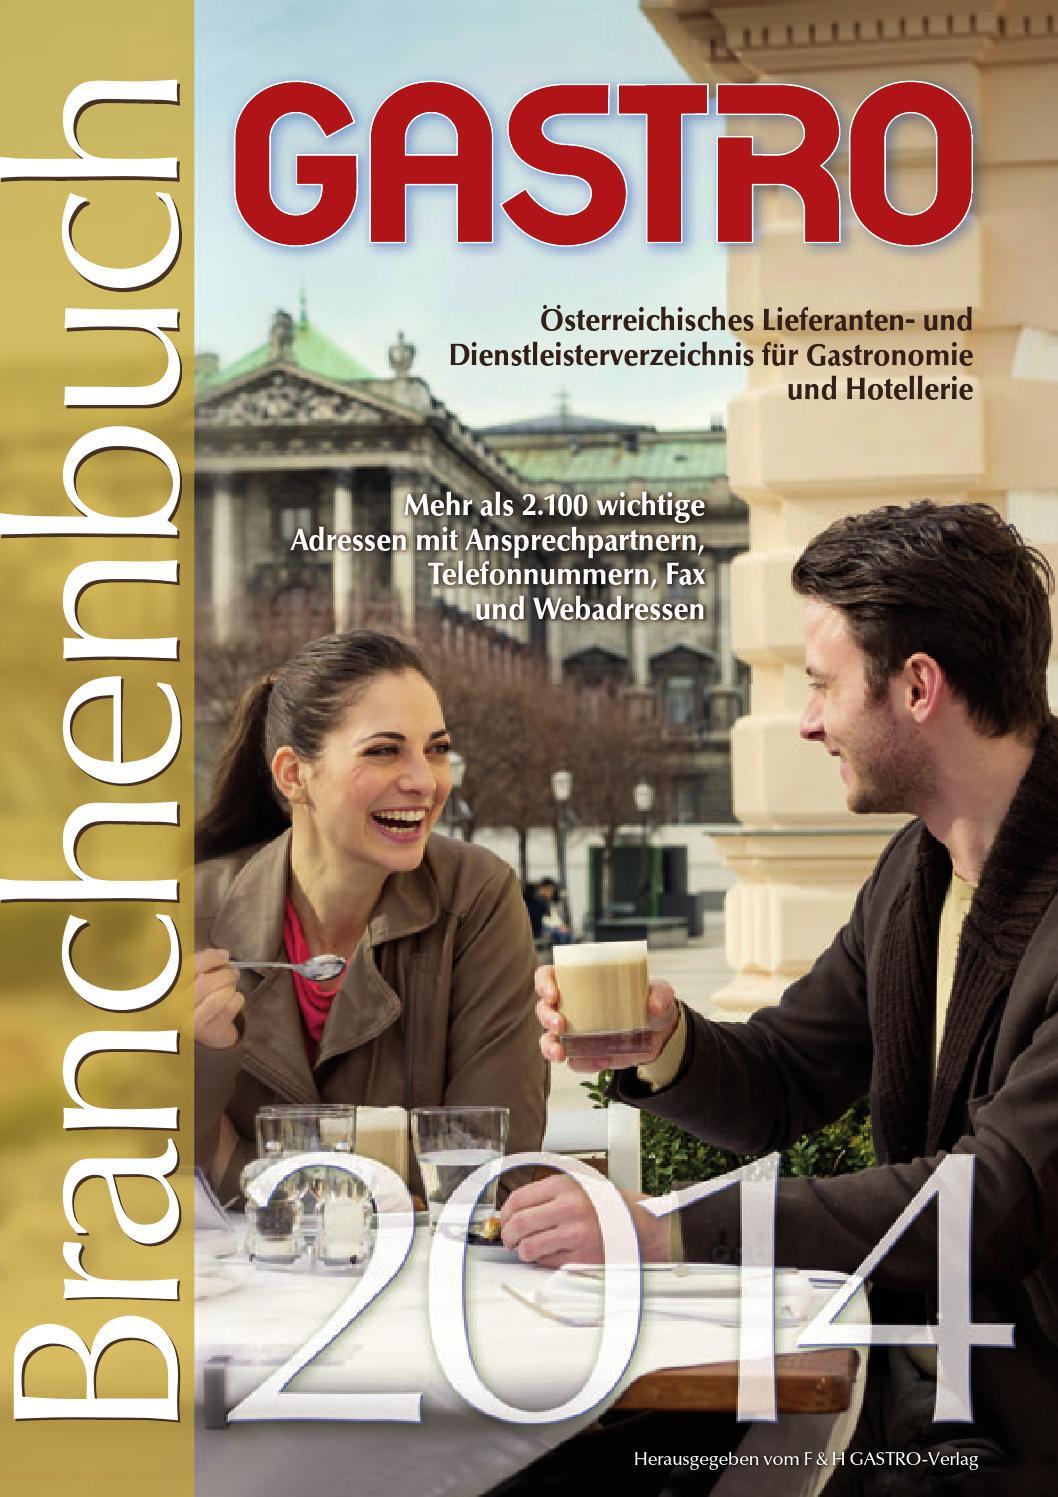 GASTRO Branchenbuch 2014 by GASTRO das Fachmagazin - issuu